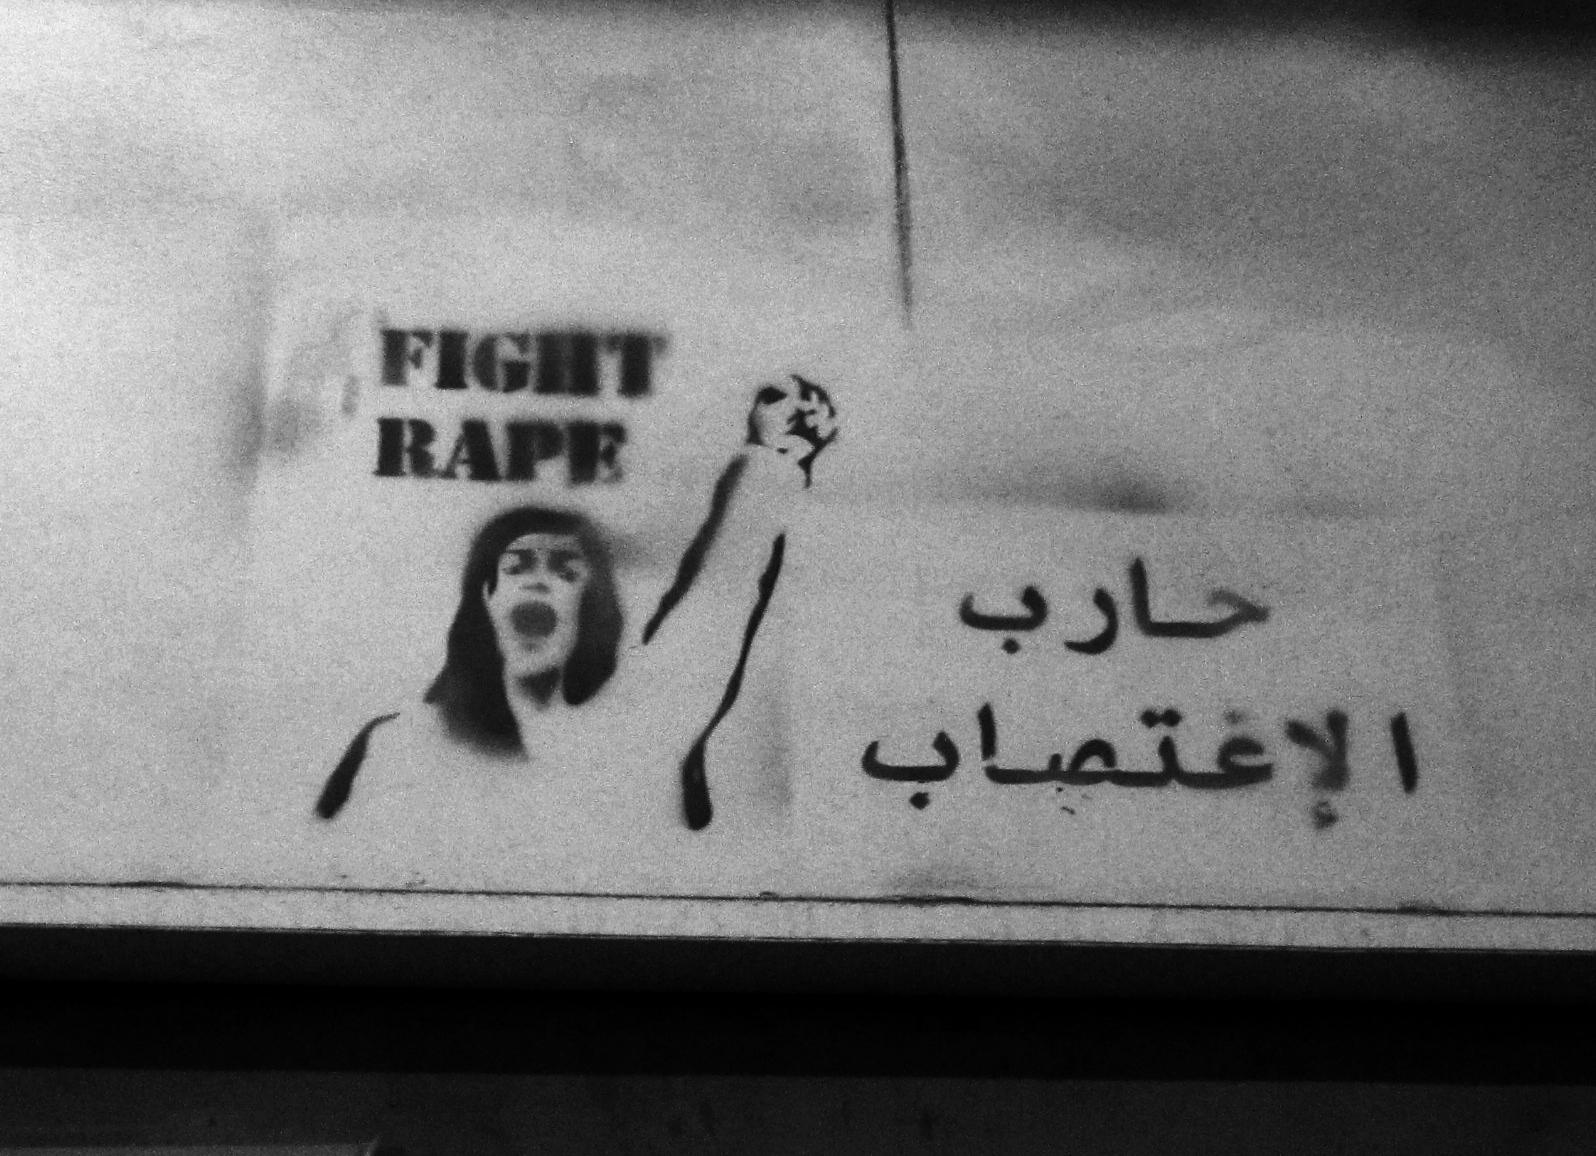 ملصق ضمن حملة لمحاربة الاغتصاب